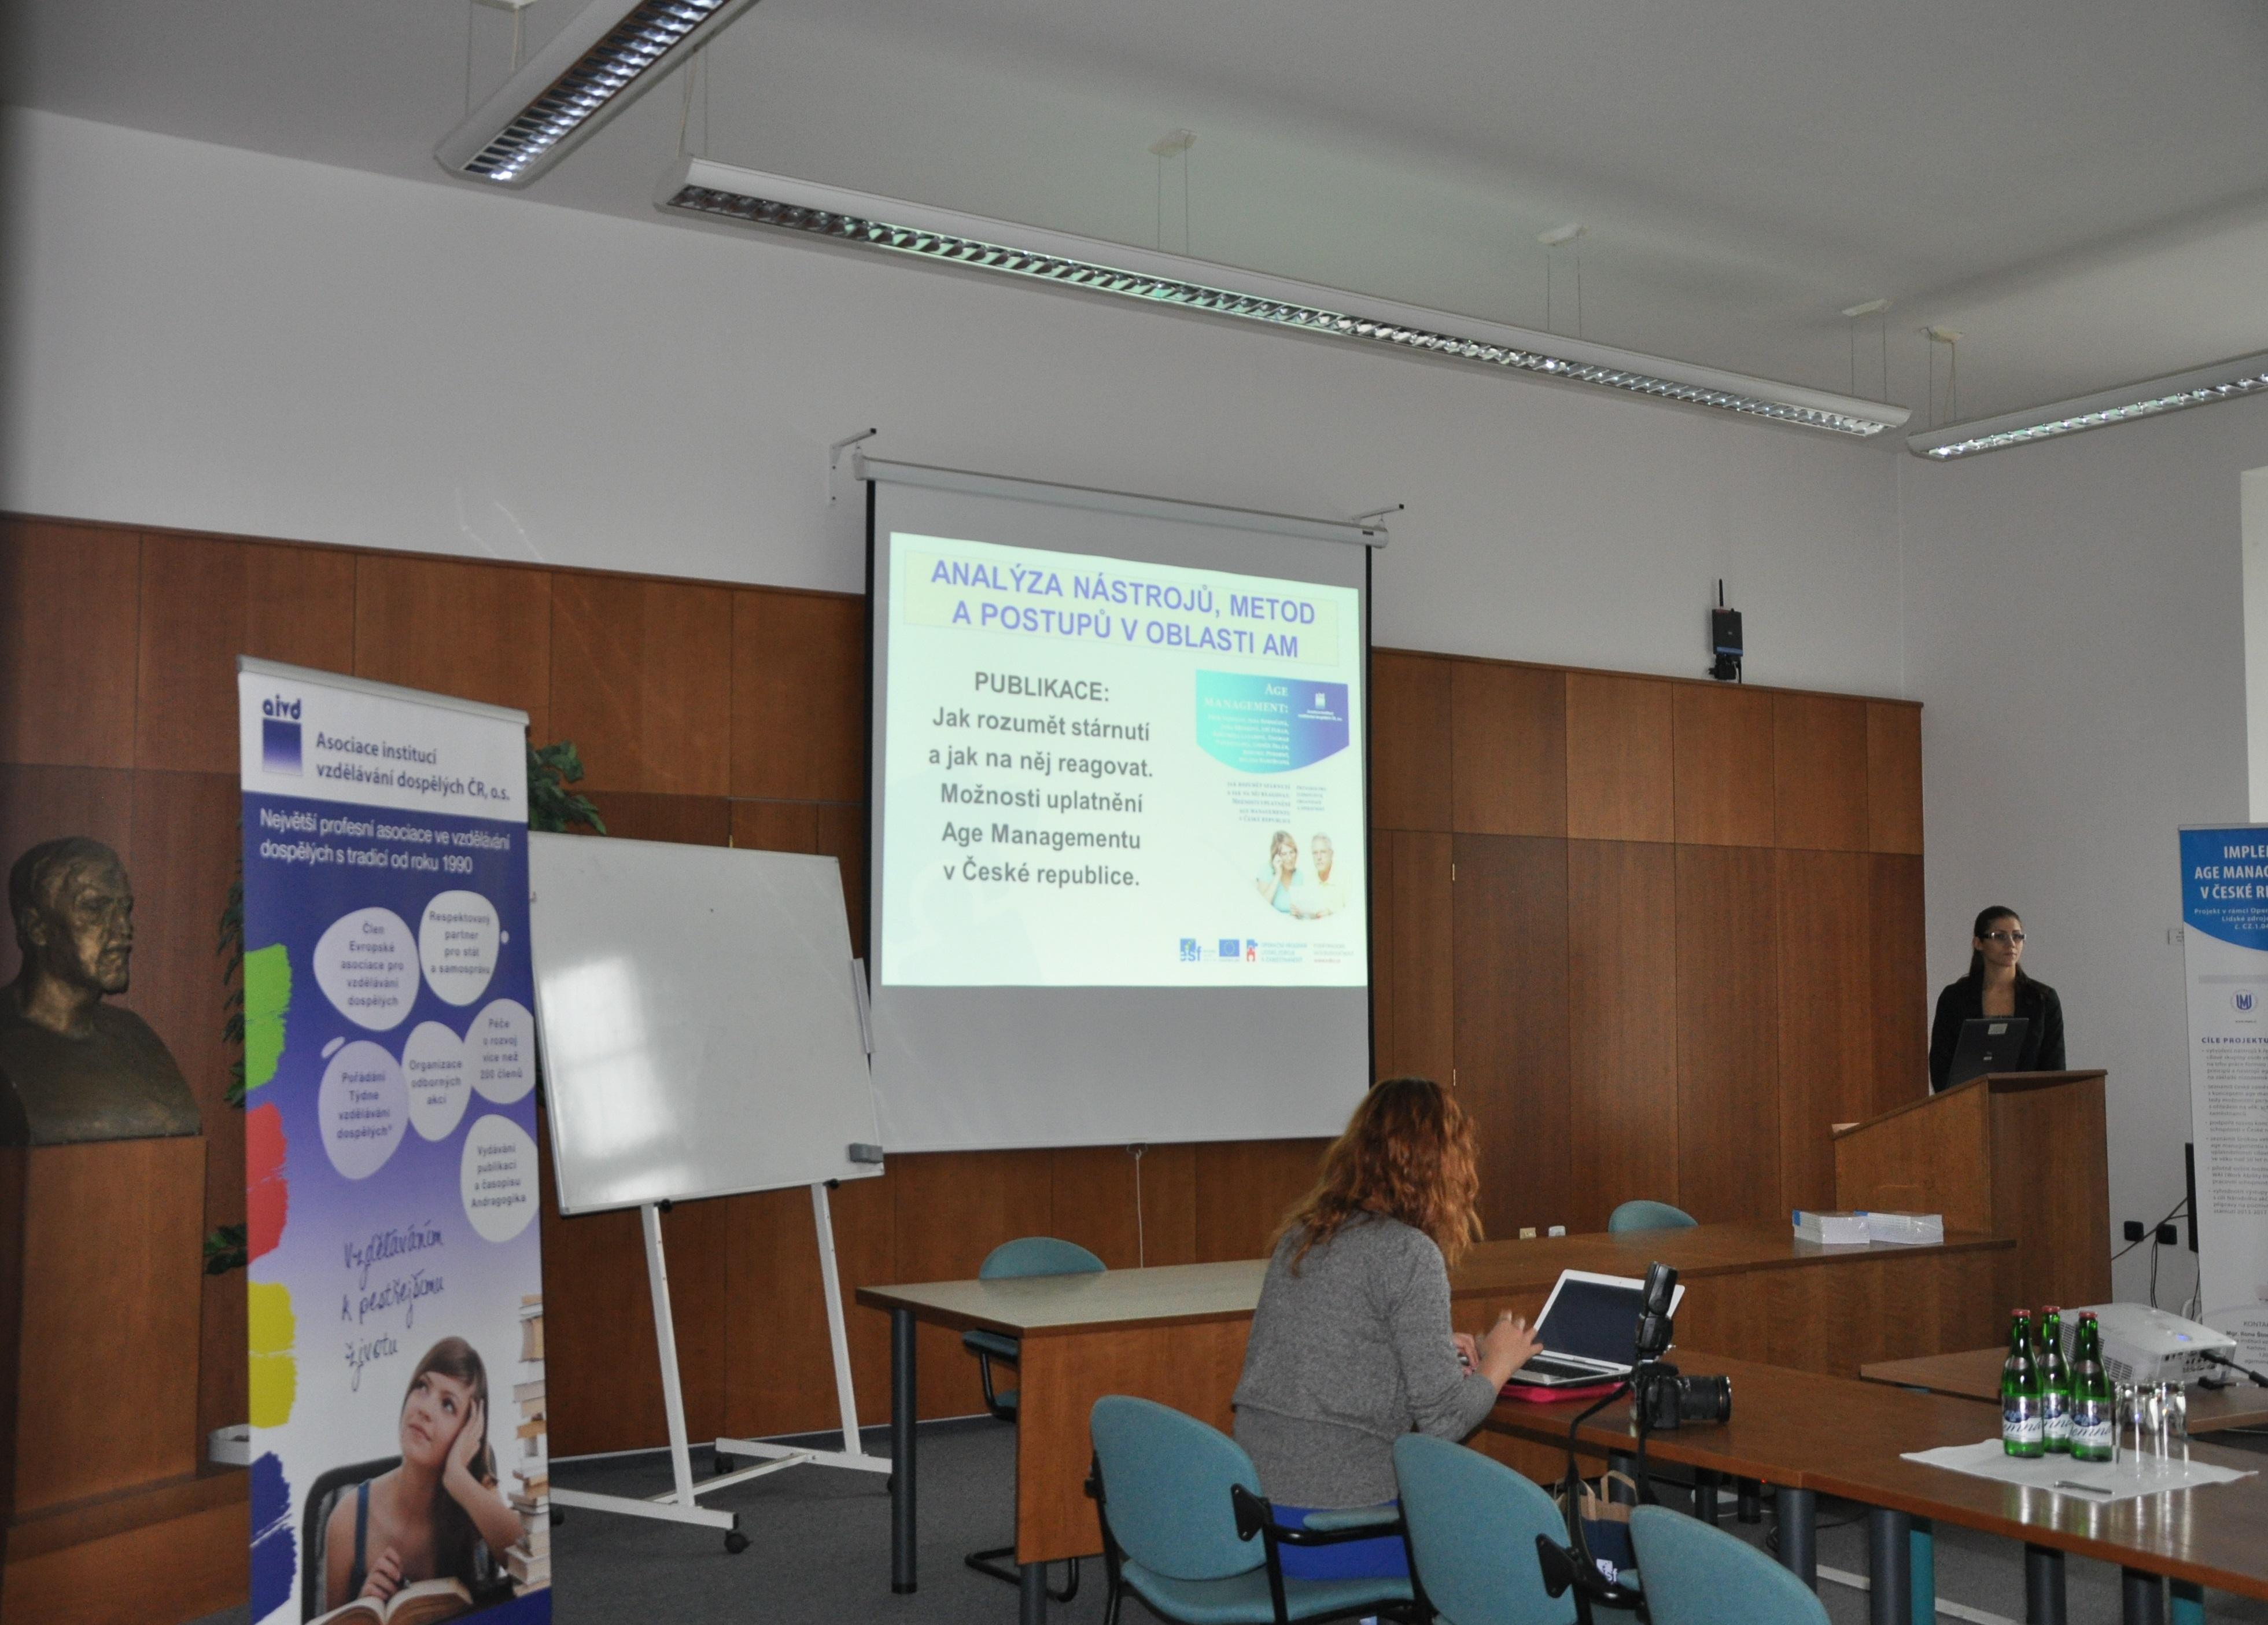 """Tisková konference k projektu """"Implementace Age Managementu v České republice"""""""